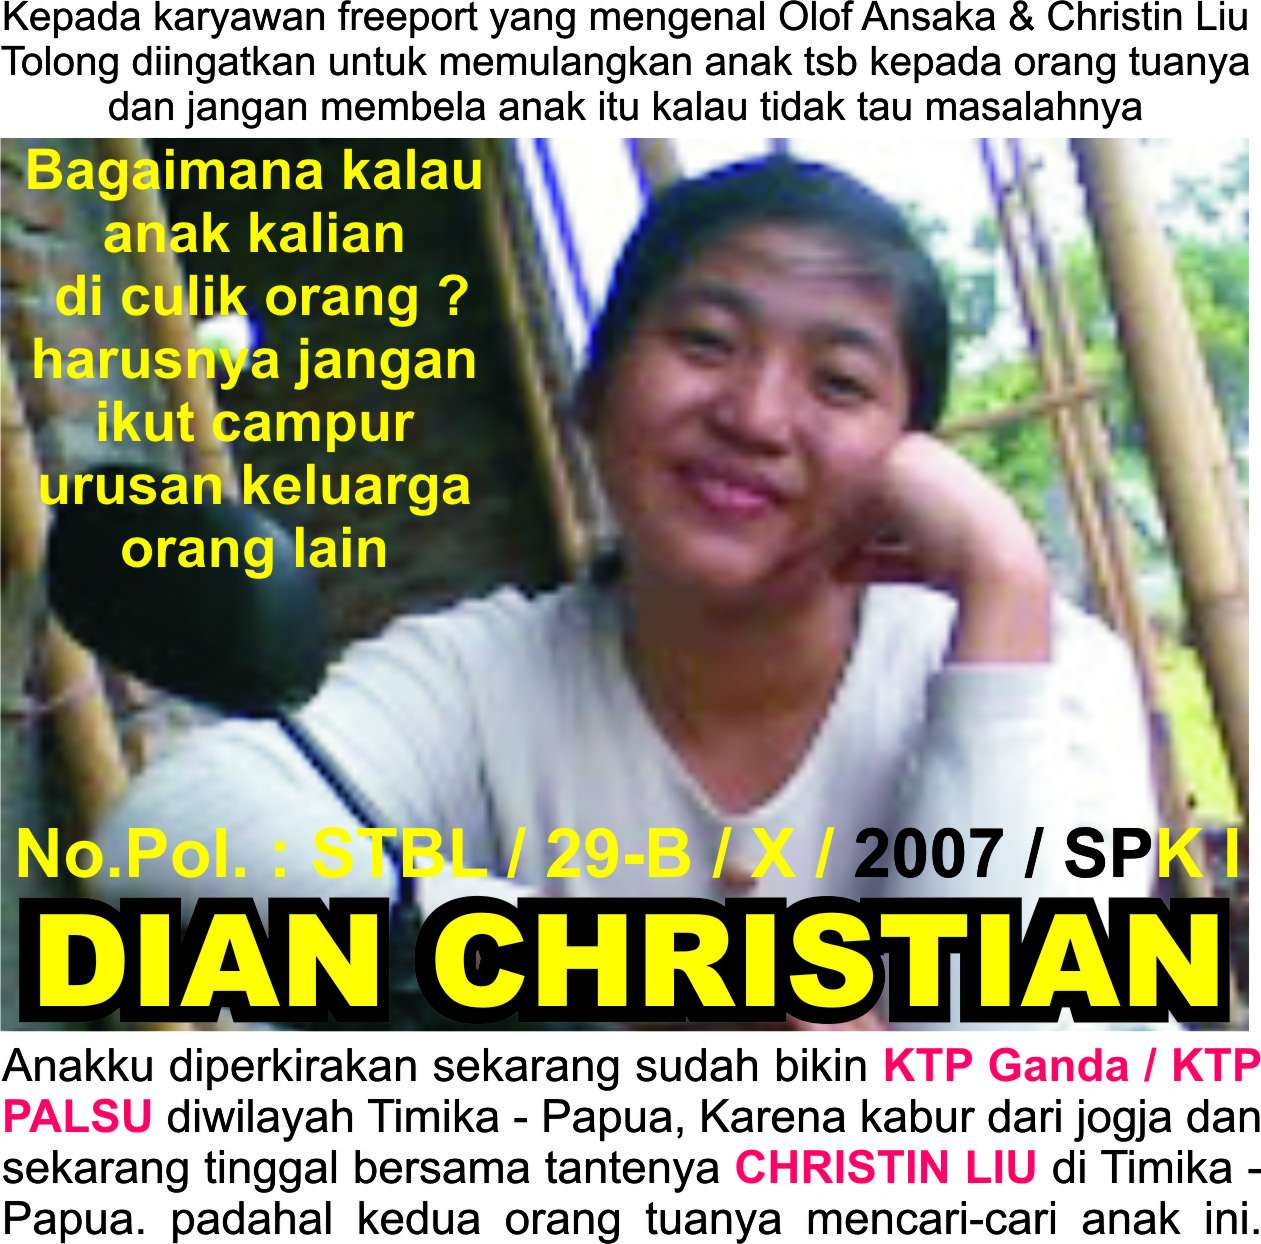 Anak hilang, Penculikan, E-KTP Ganda / ASPAL, Istri kabur